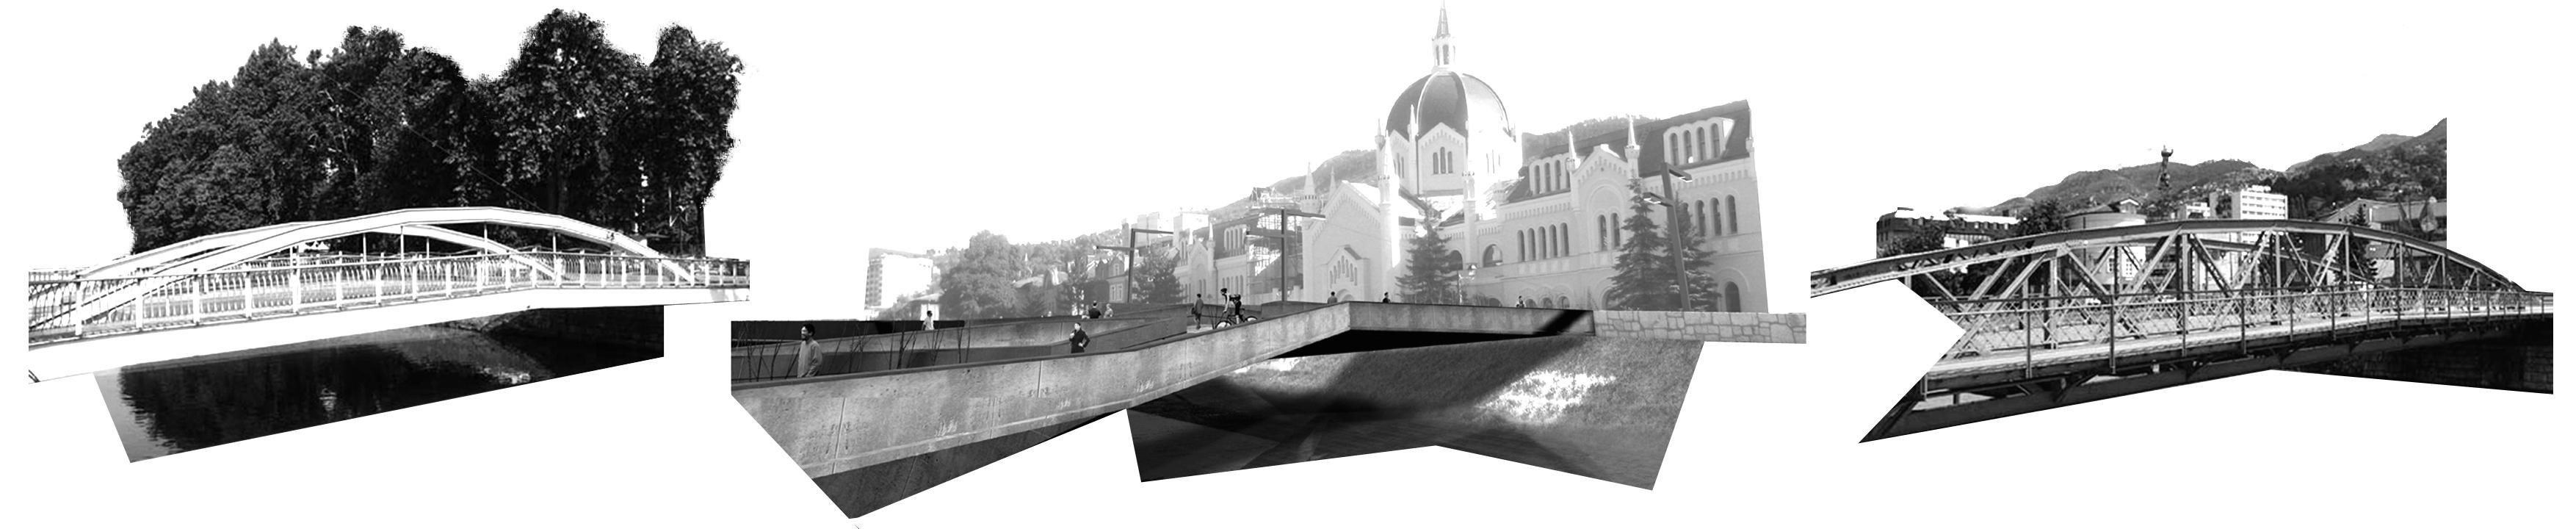 C0702_SarajevoPonts